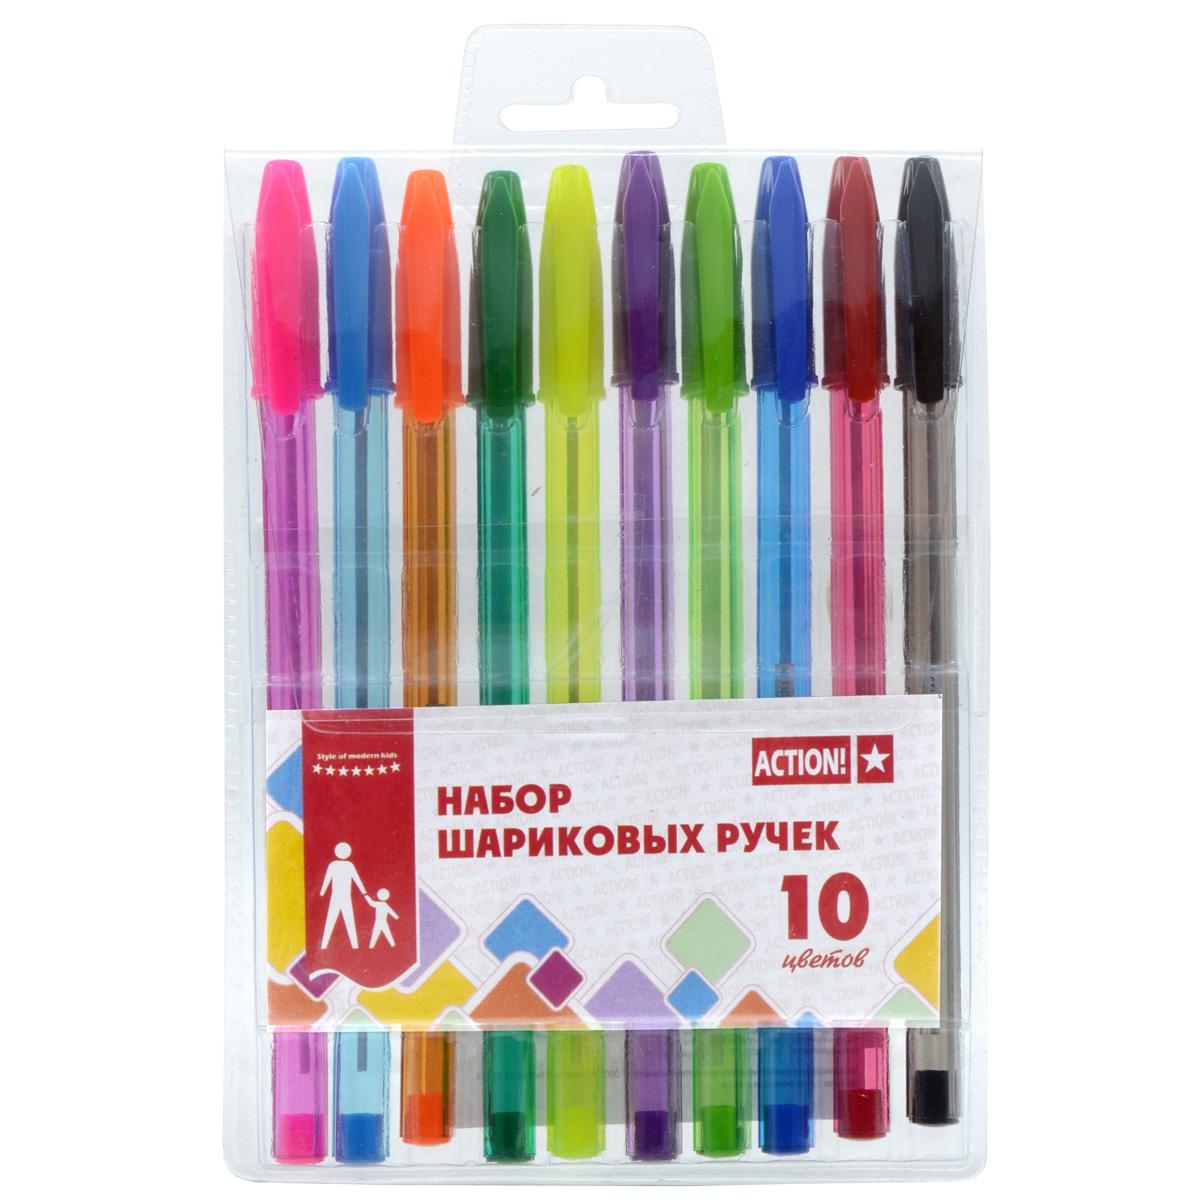 Набор разноцветных шариковых ручек ACTION! 10 цветов<br>